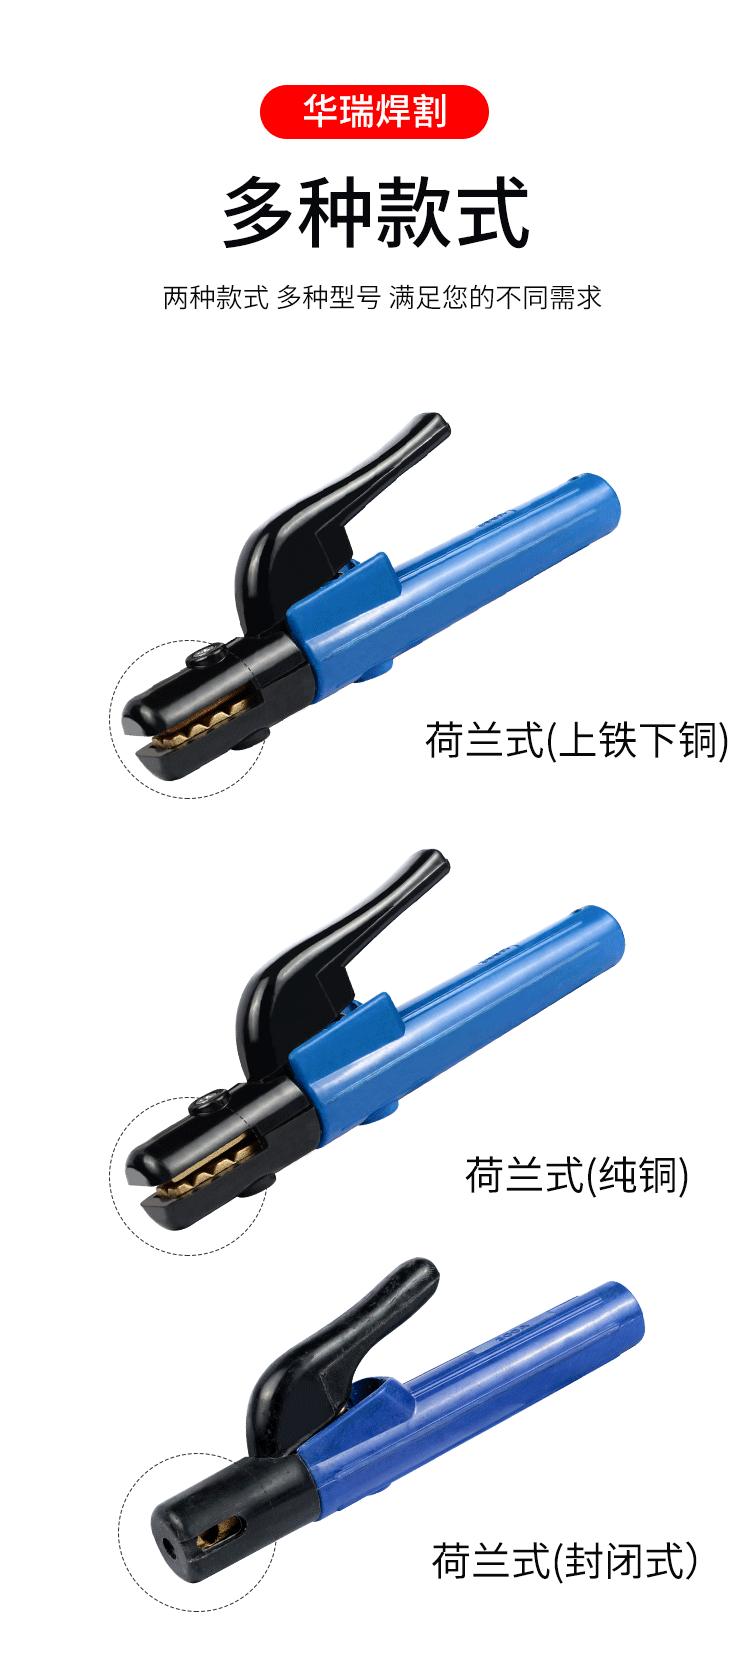 电焊钳_04